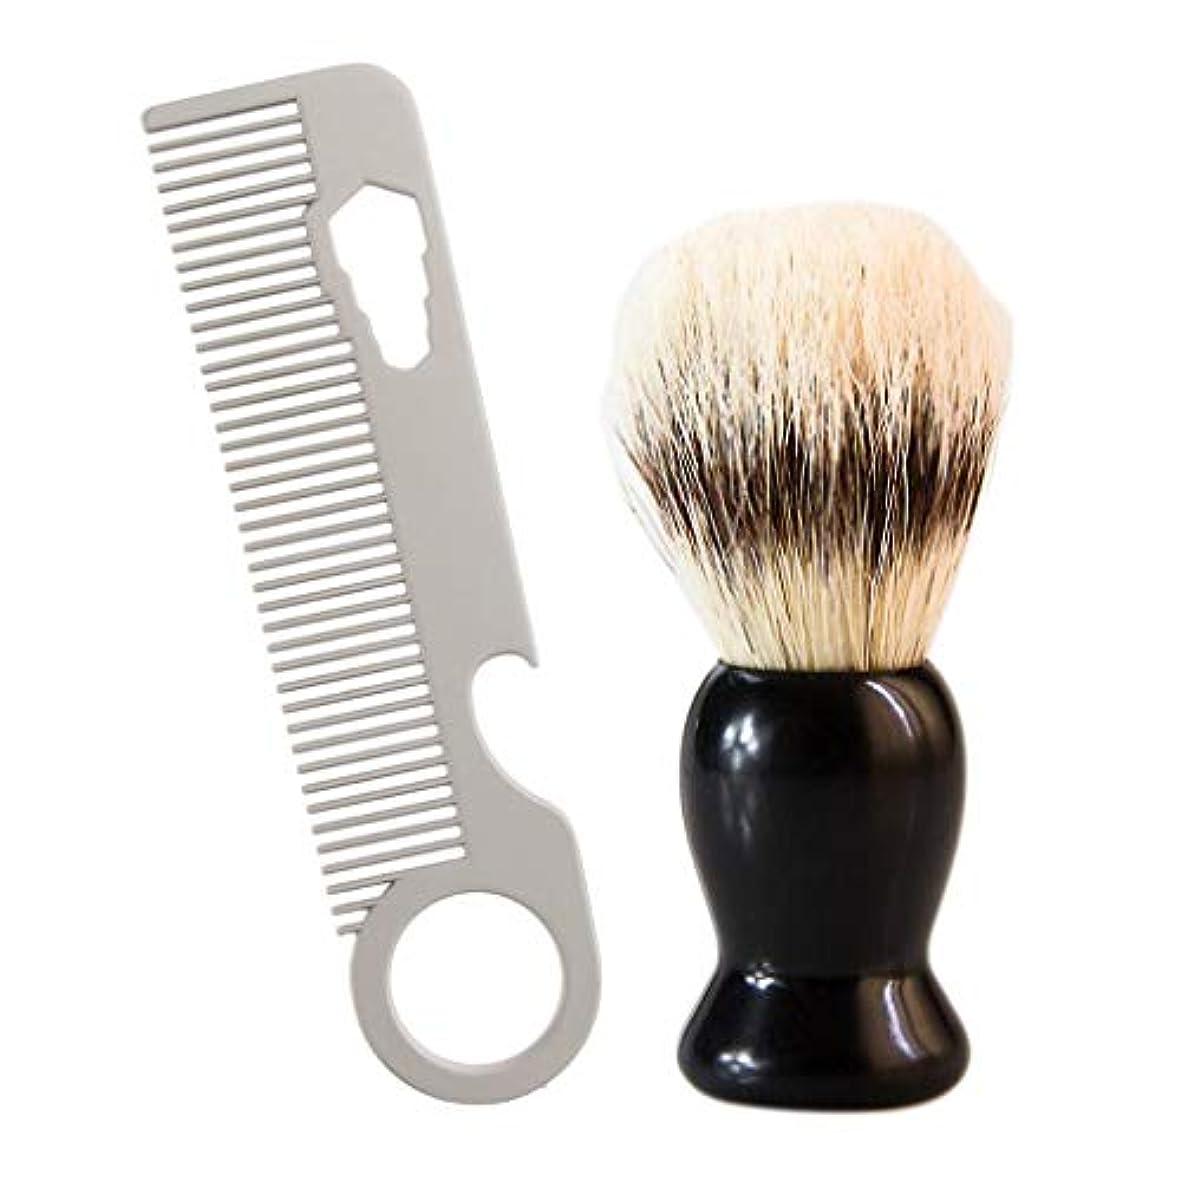 擁するメアリアンジョーンズレッドデートsharprepublic 2個 メンズ用 ひげ剃り櫛 シェービングブラシ 理容 洗顔 髭剃り キャンプ 旅行 家庭